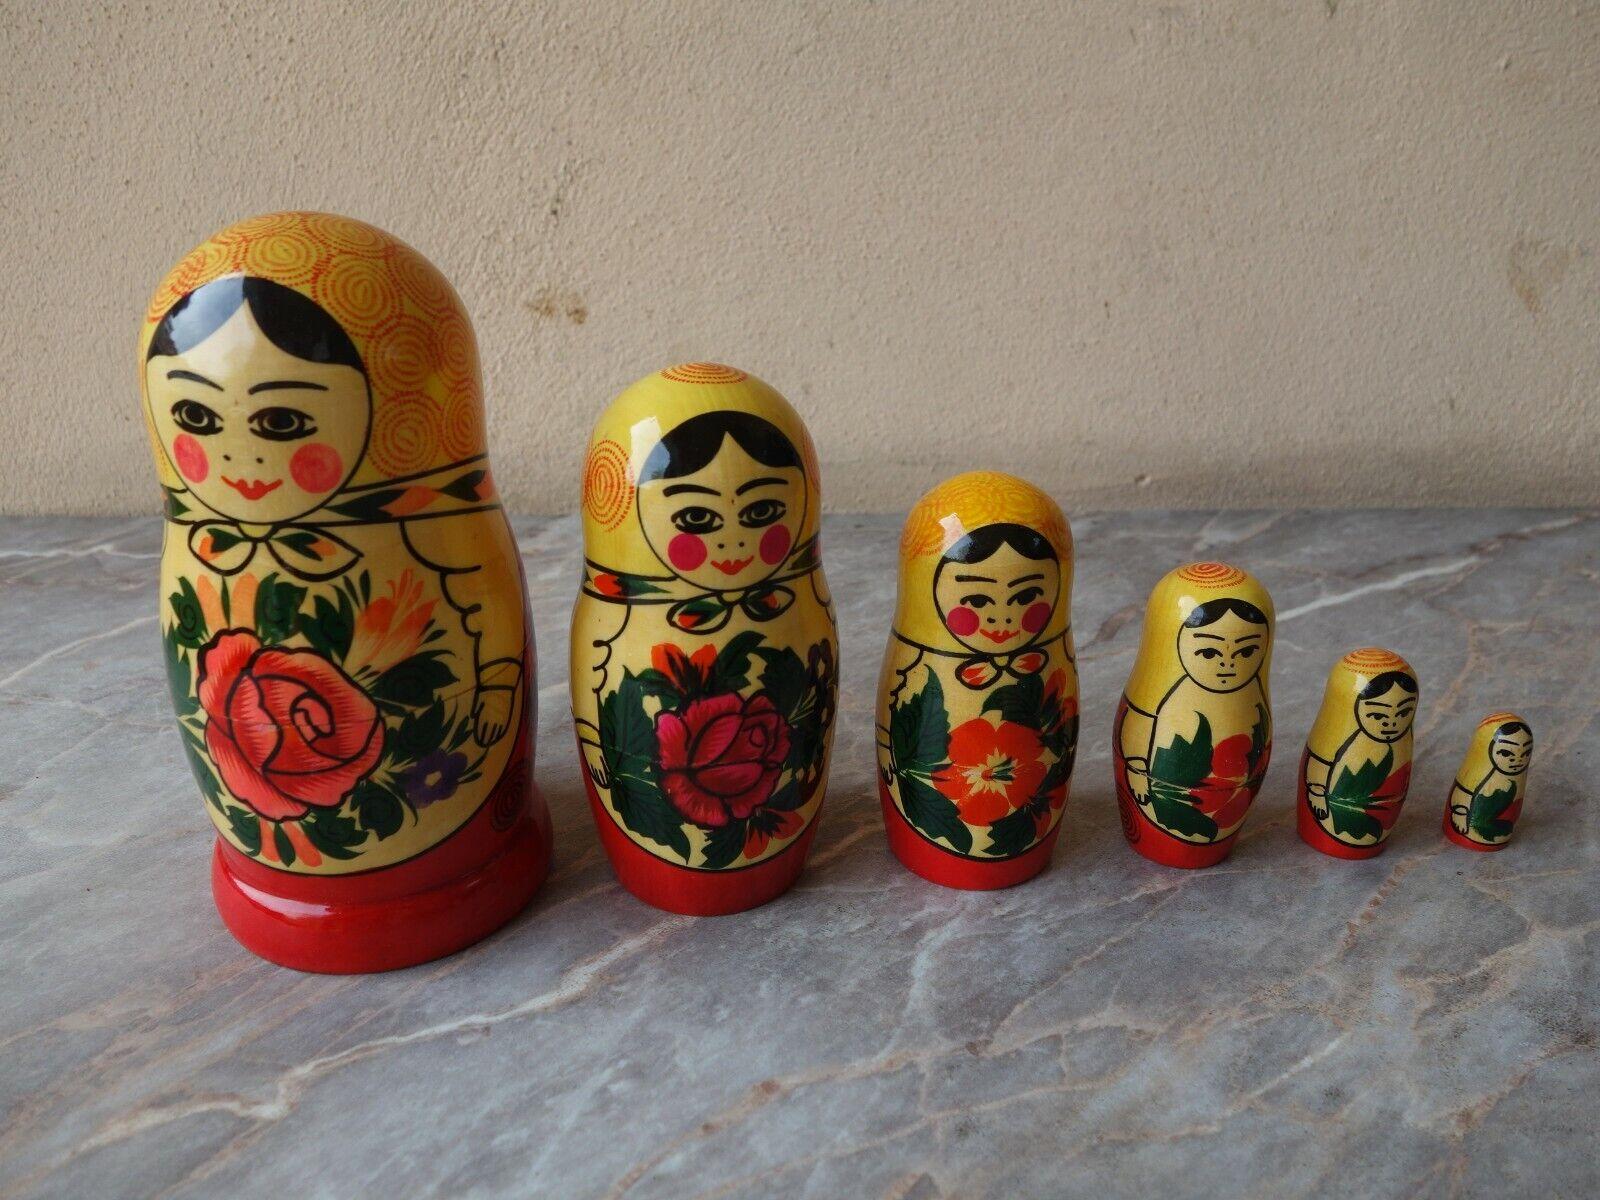 Vintage Lot de 6 ancien rare russe URSS en bois peint à la main Matryoshka Nesting Doll